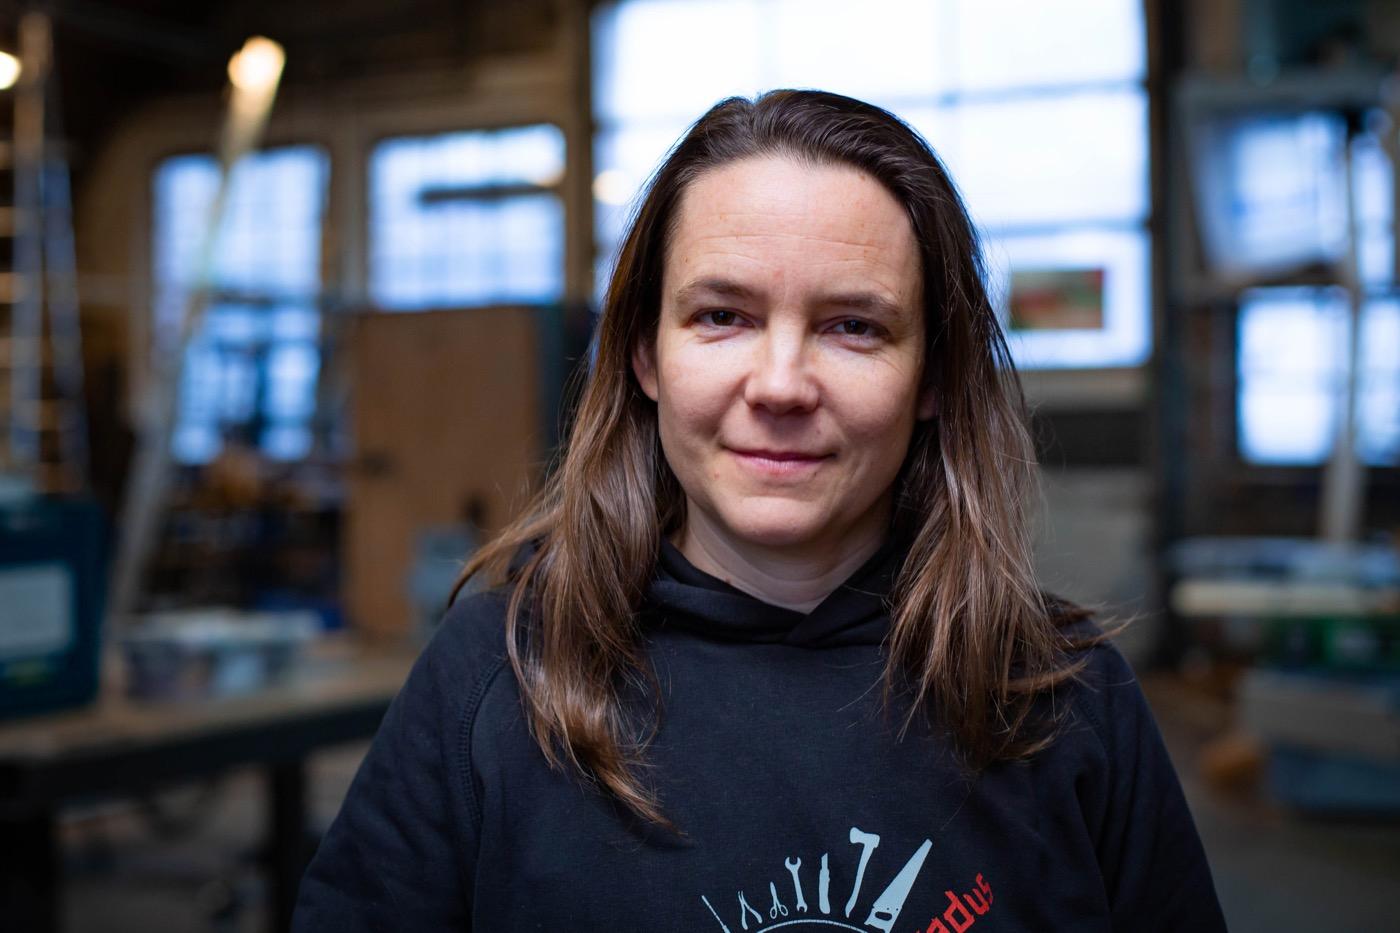 Corinna Schäfer arbeitet bei Cadus, eine Initiative in der humanitären Hilfe.